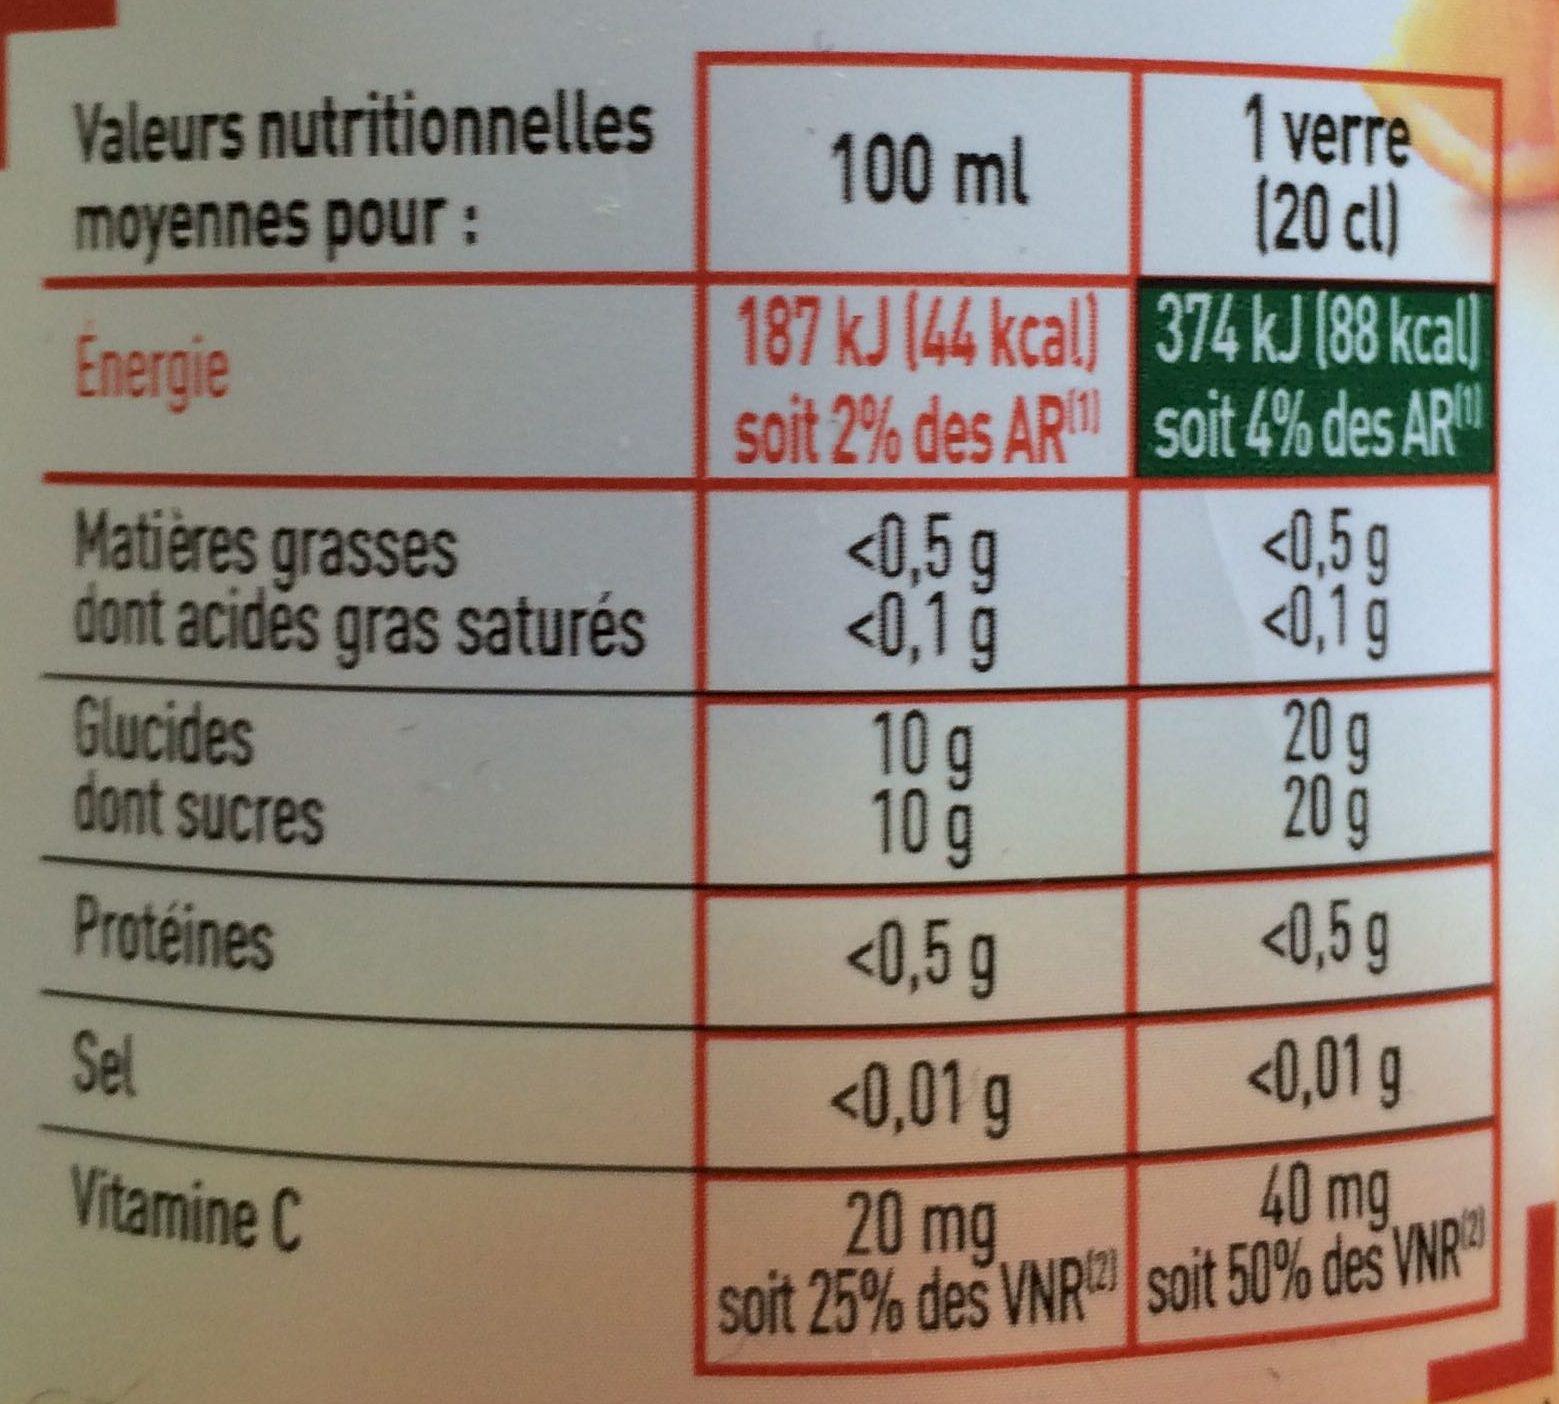 jus d 39 orange netto calories valeurs nutritionnelles et avis de consommation. Black Bedroom Furniture Sets. Home Design Ideas